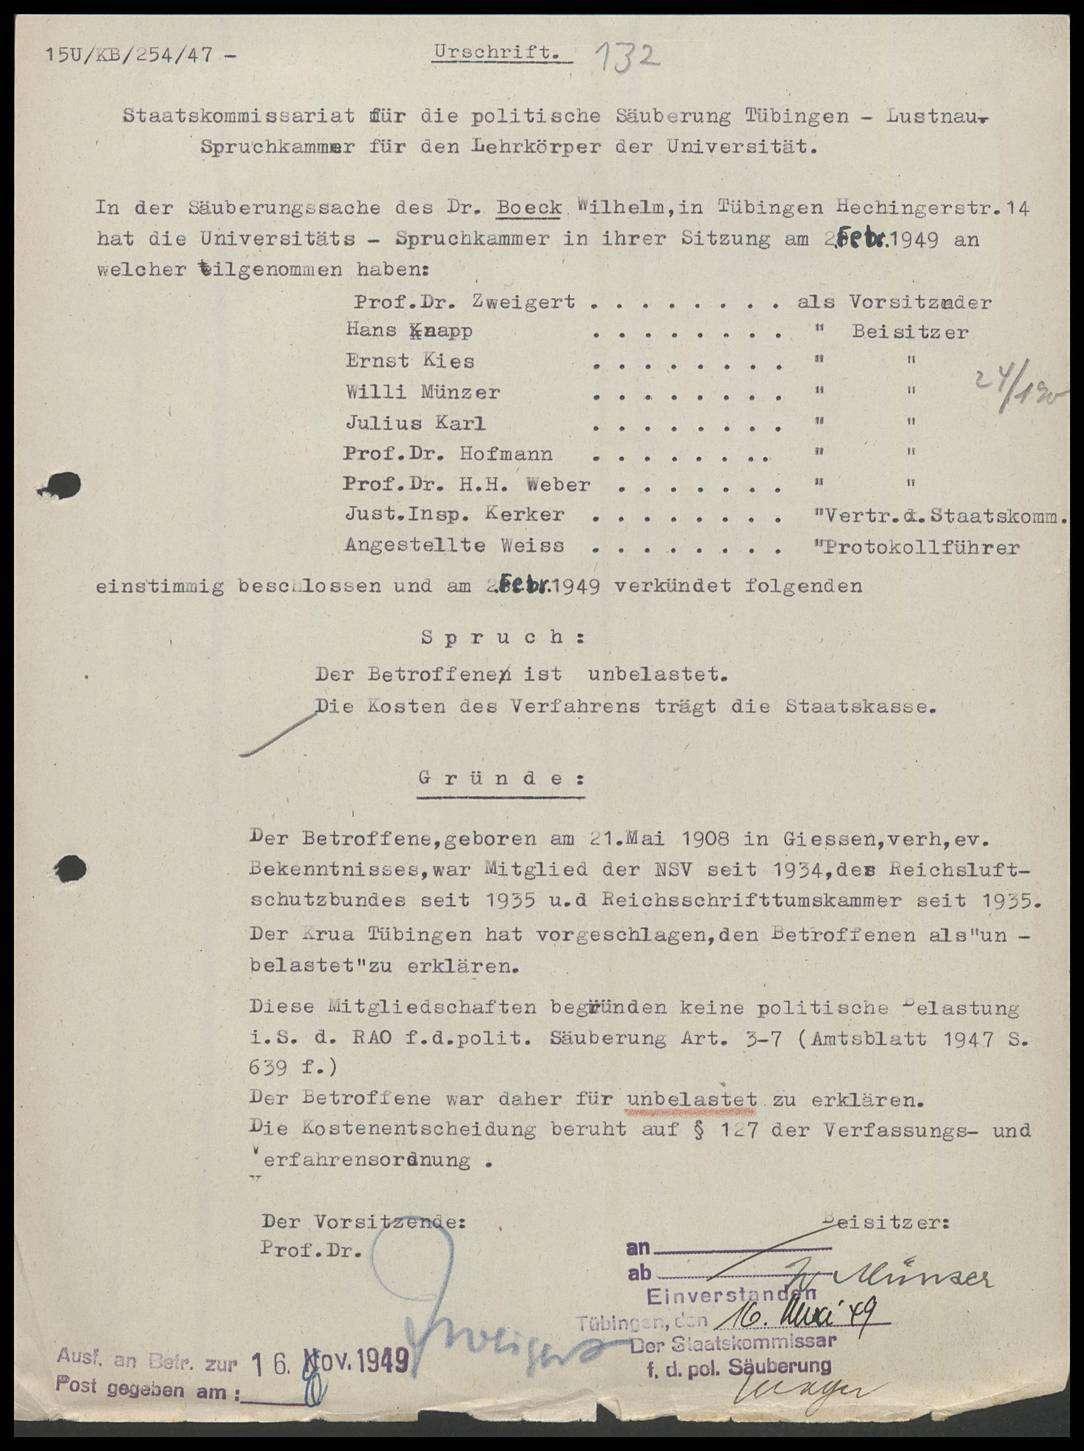 Boeck, Wilhelm, Dr., Bild 1